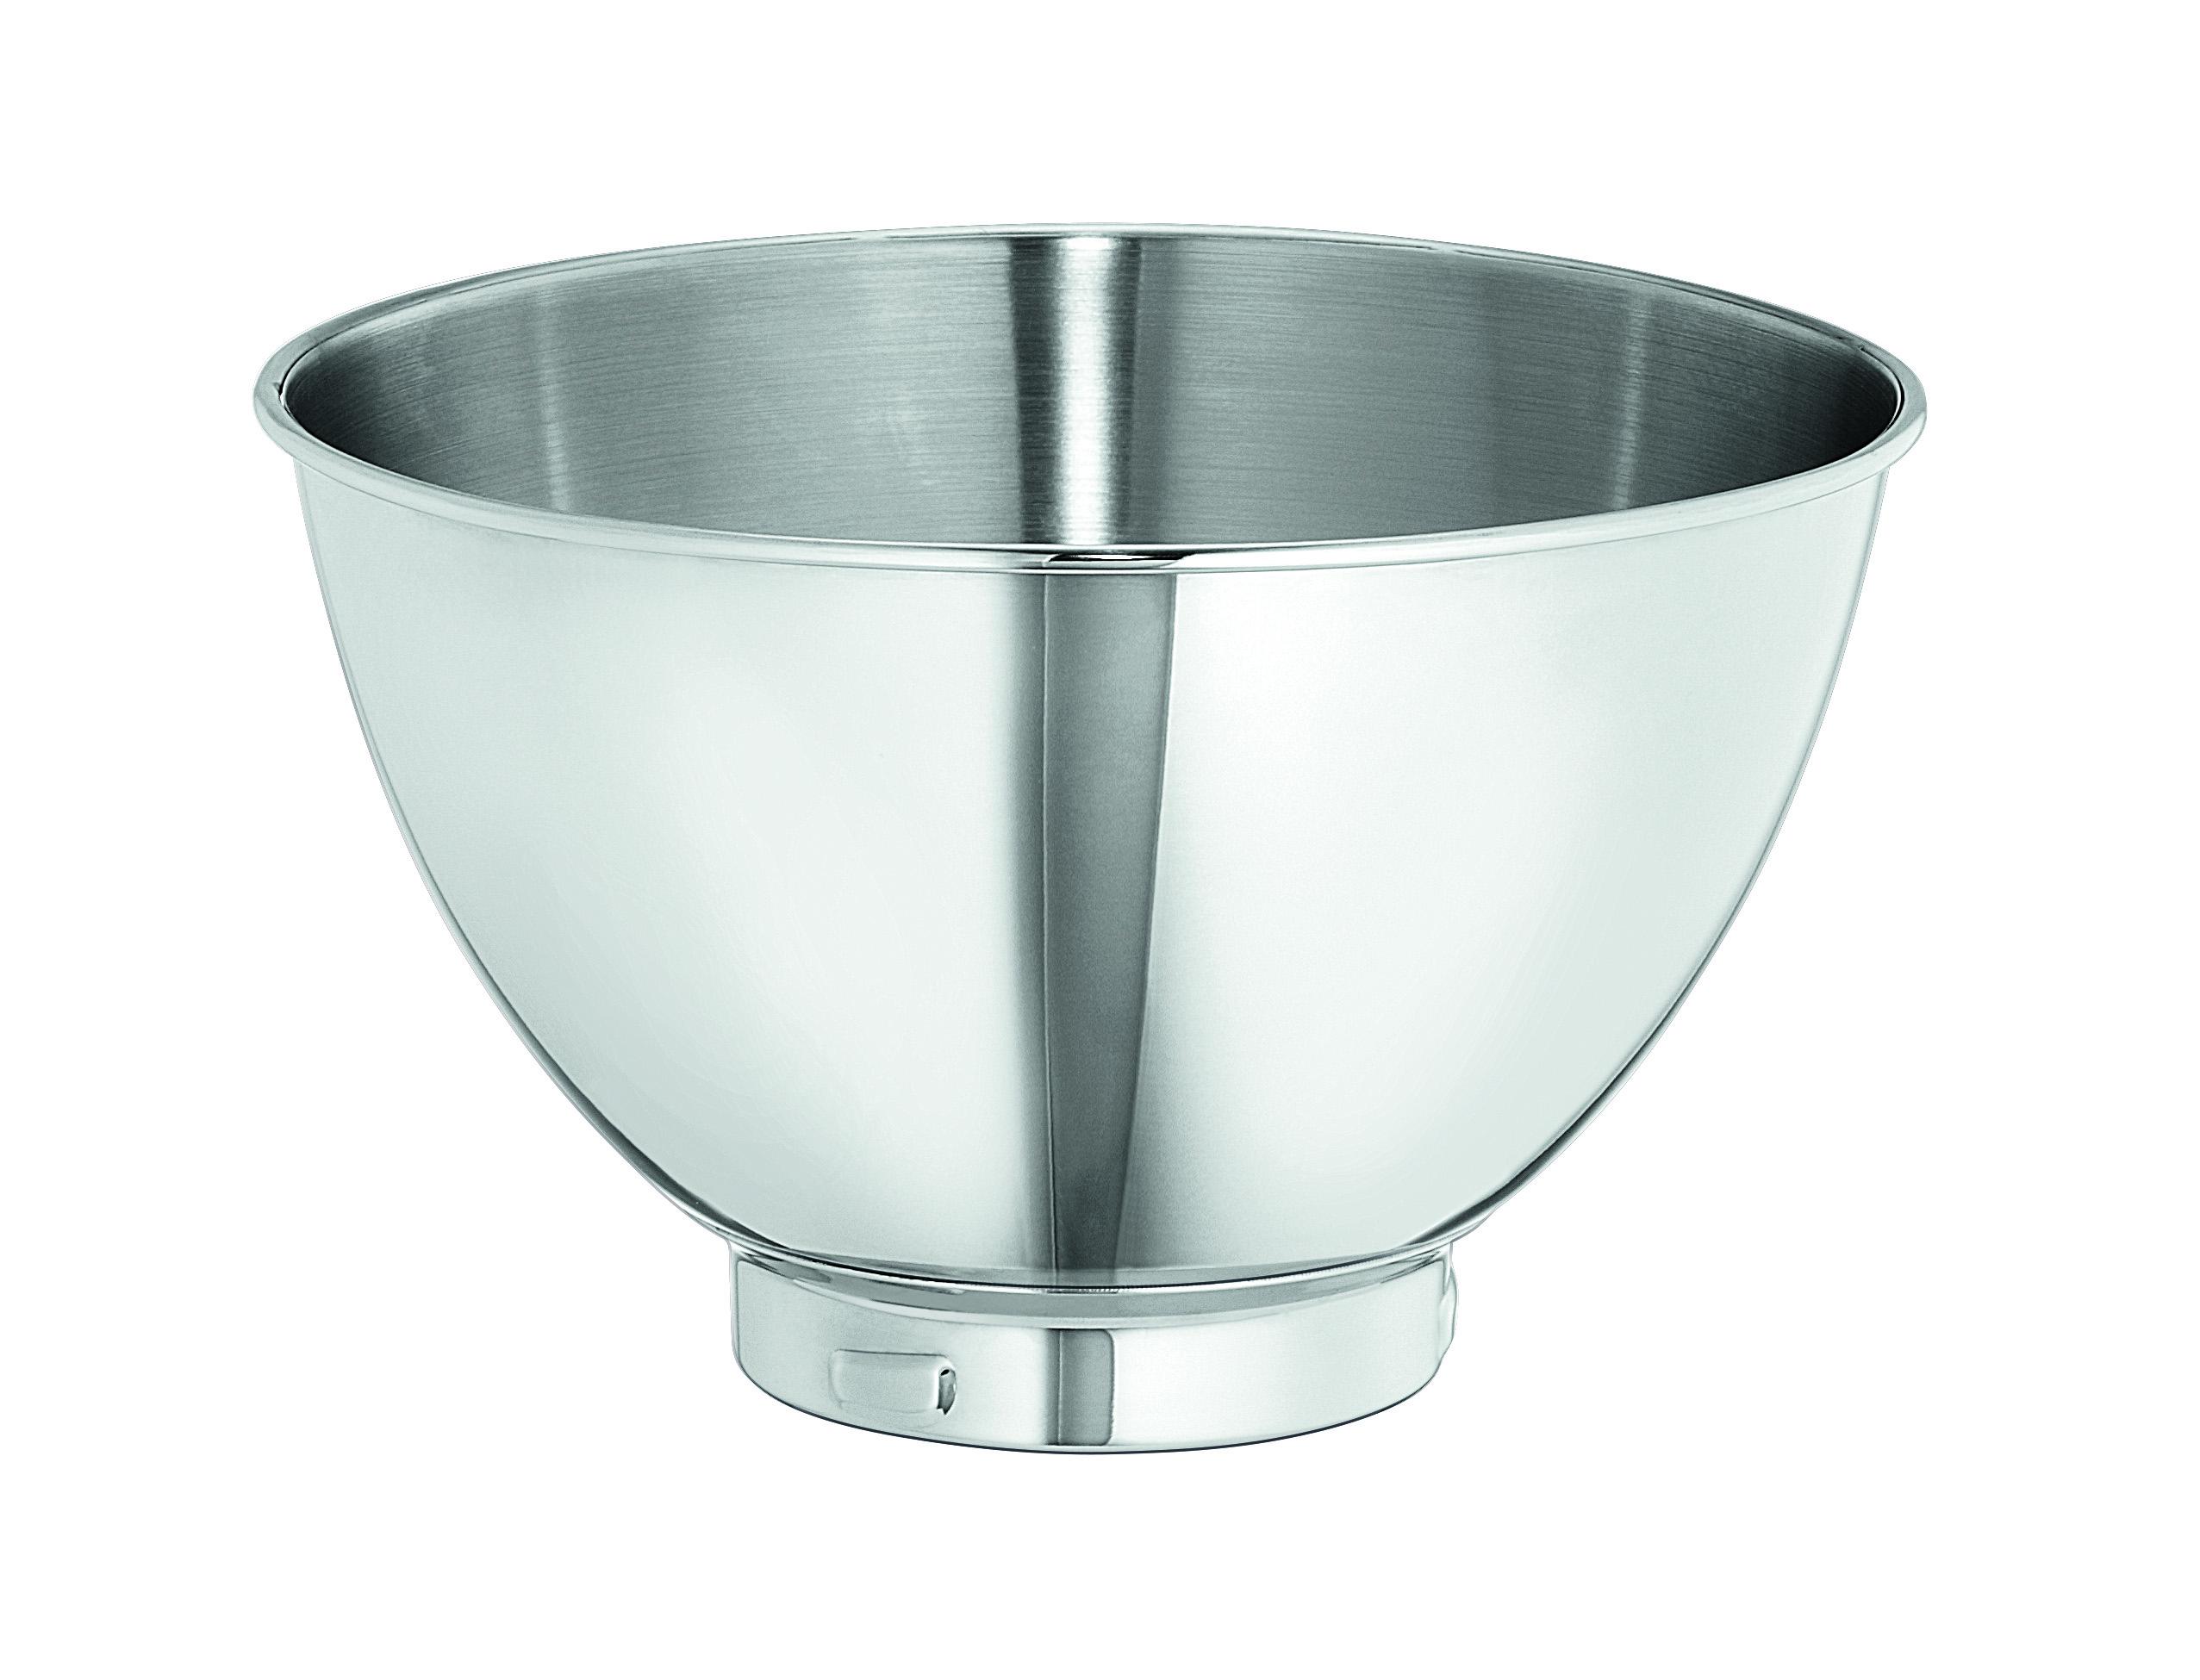 Der Knaller: WMF Profi Plus Küchenmaschine inkl. Super-Paket in Steel Grey